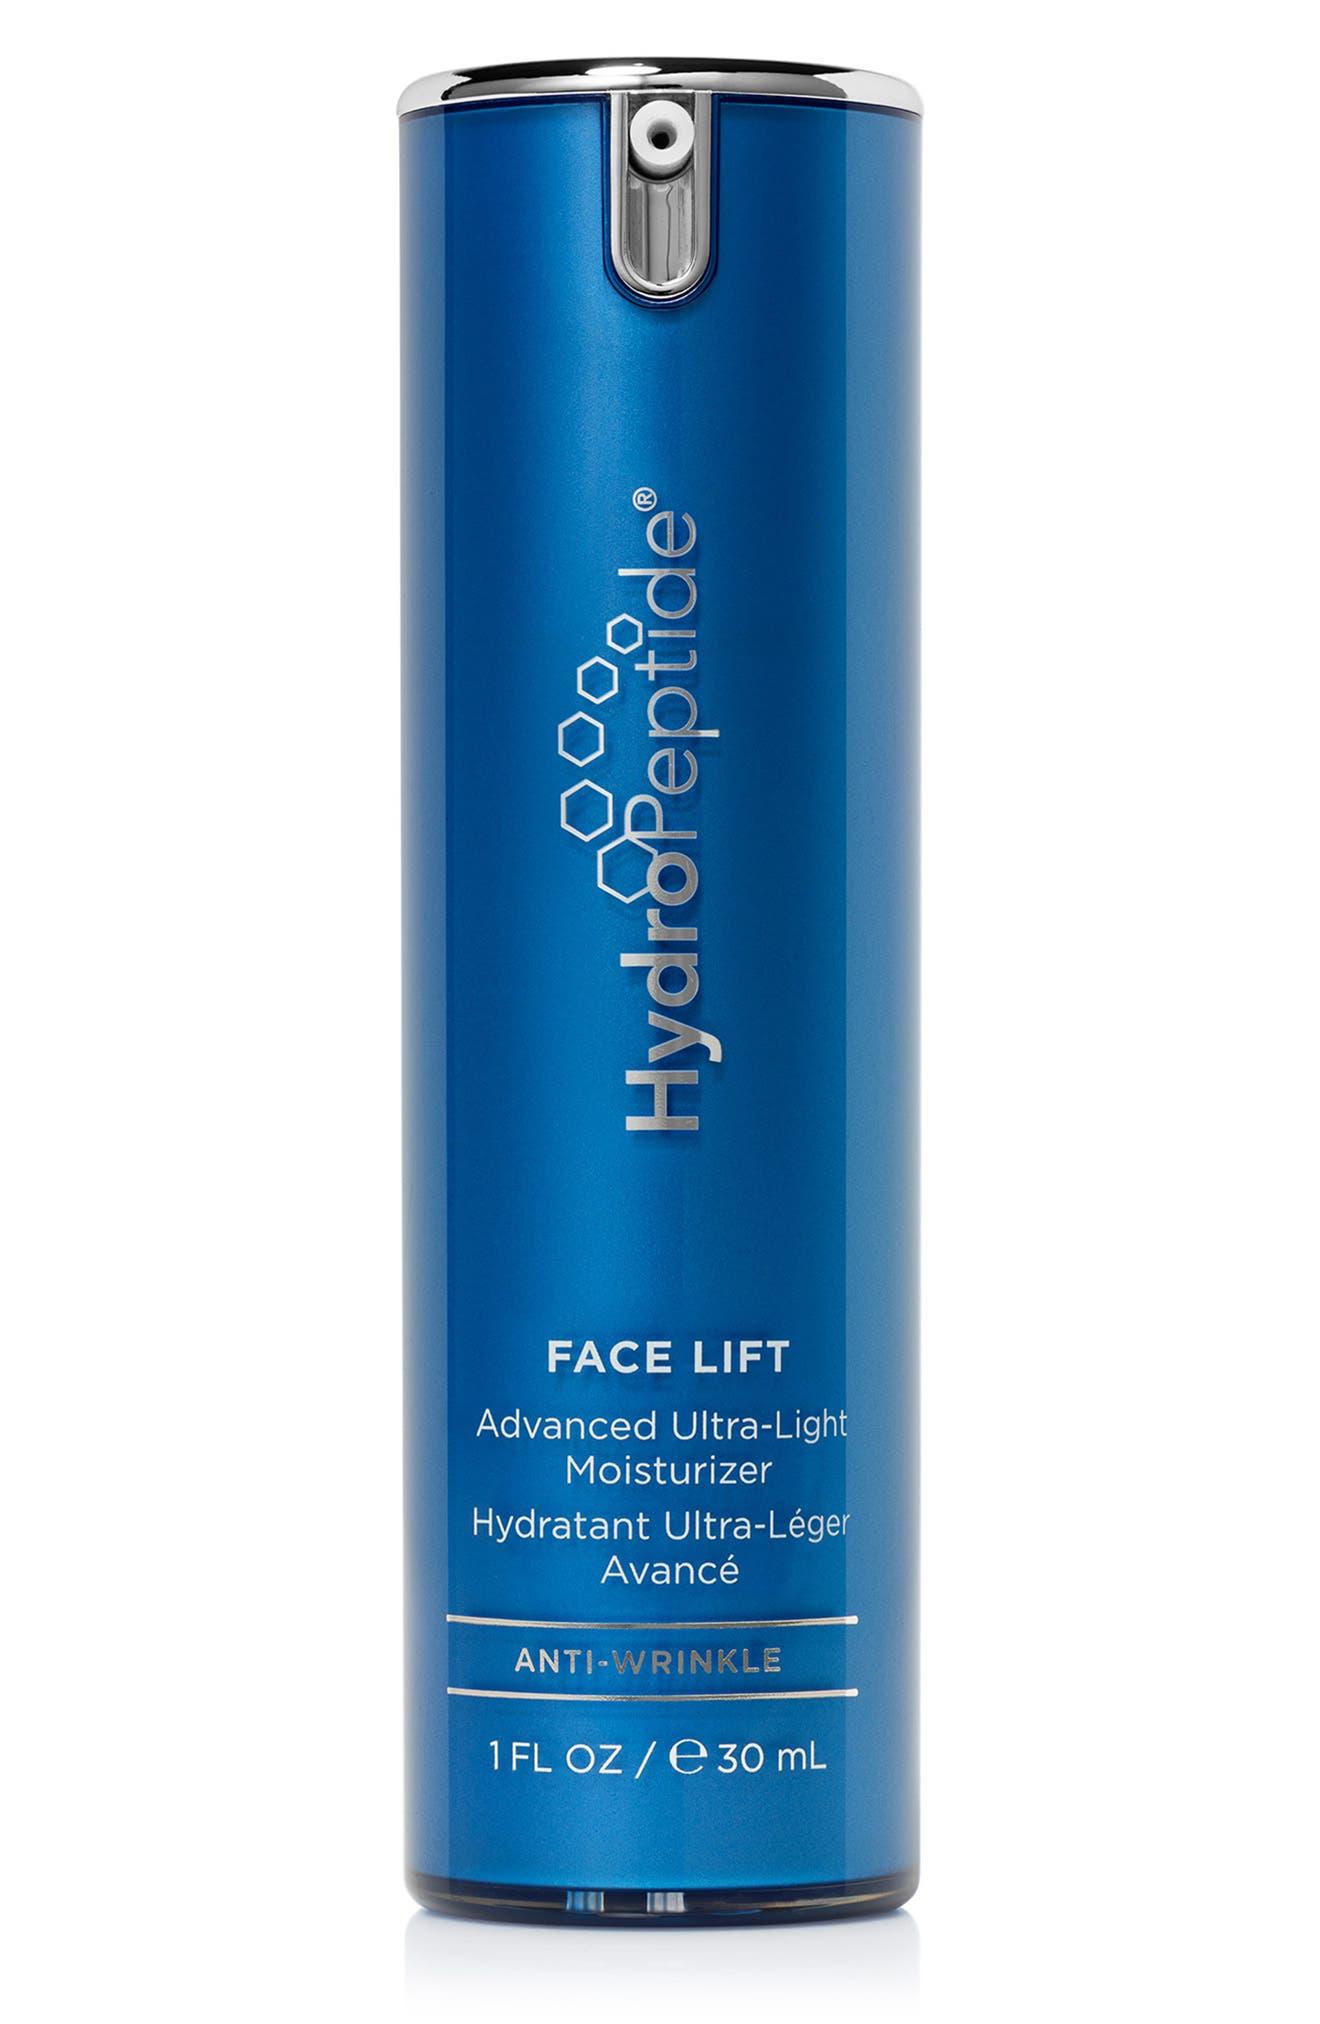 'Face Lift' Advanced Ultra-Light Moisturizer